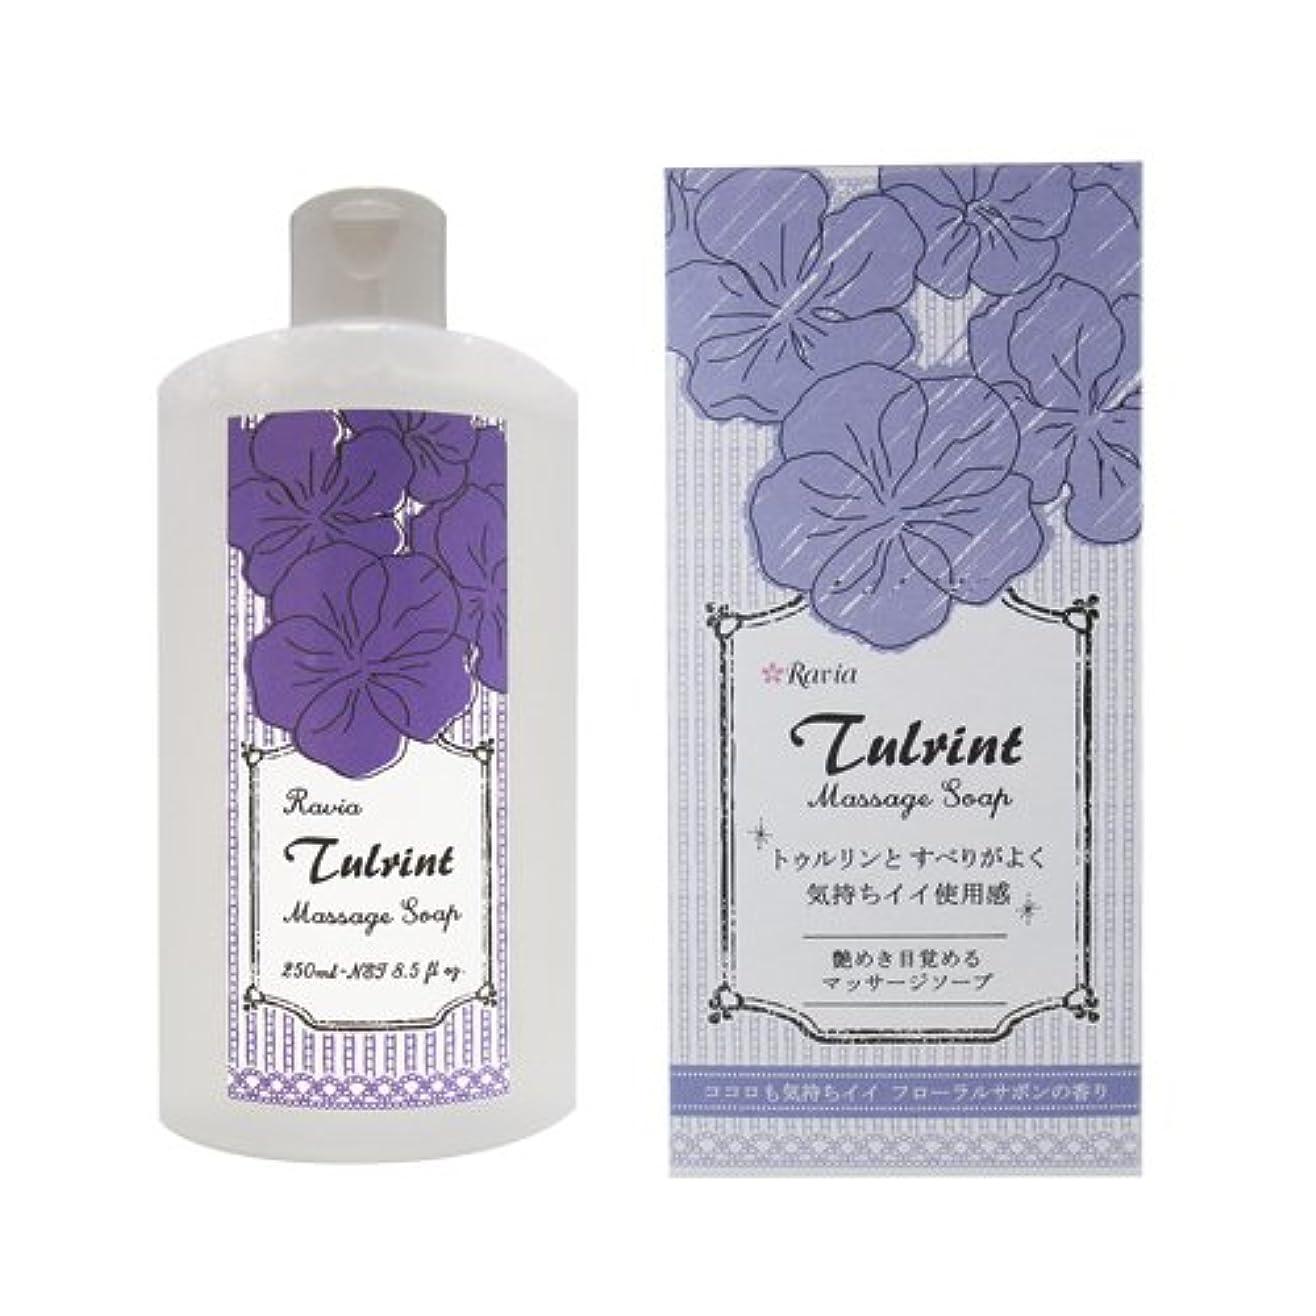 従う編集者花火【マッサージソープ】ラヴィア(Ravia) トゥルリント マッサージソープ(Tulrint Massage soap) 250ml フローラルサボンの香り